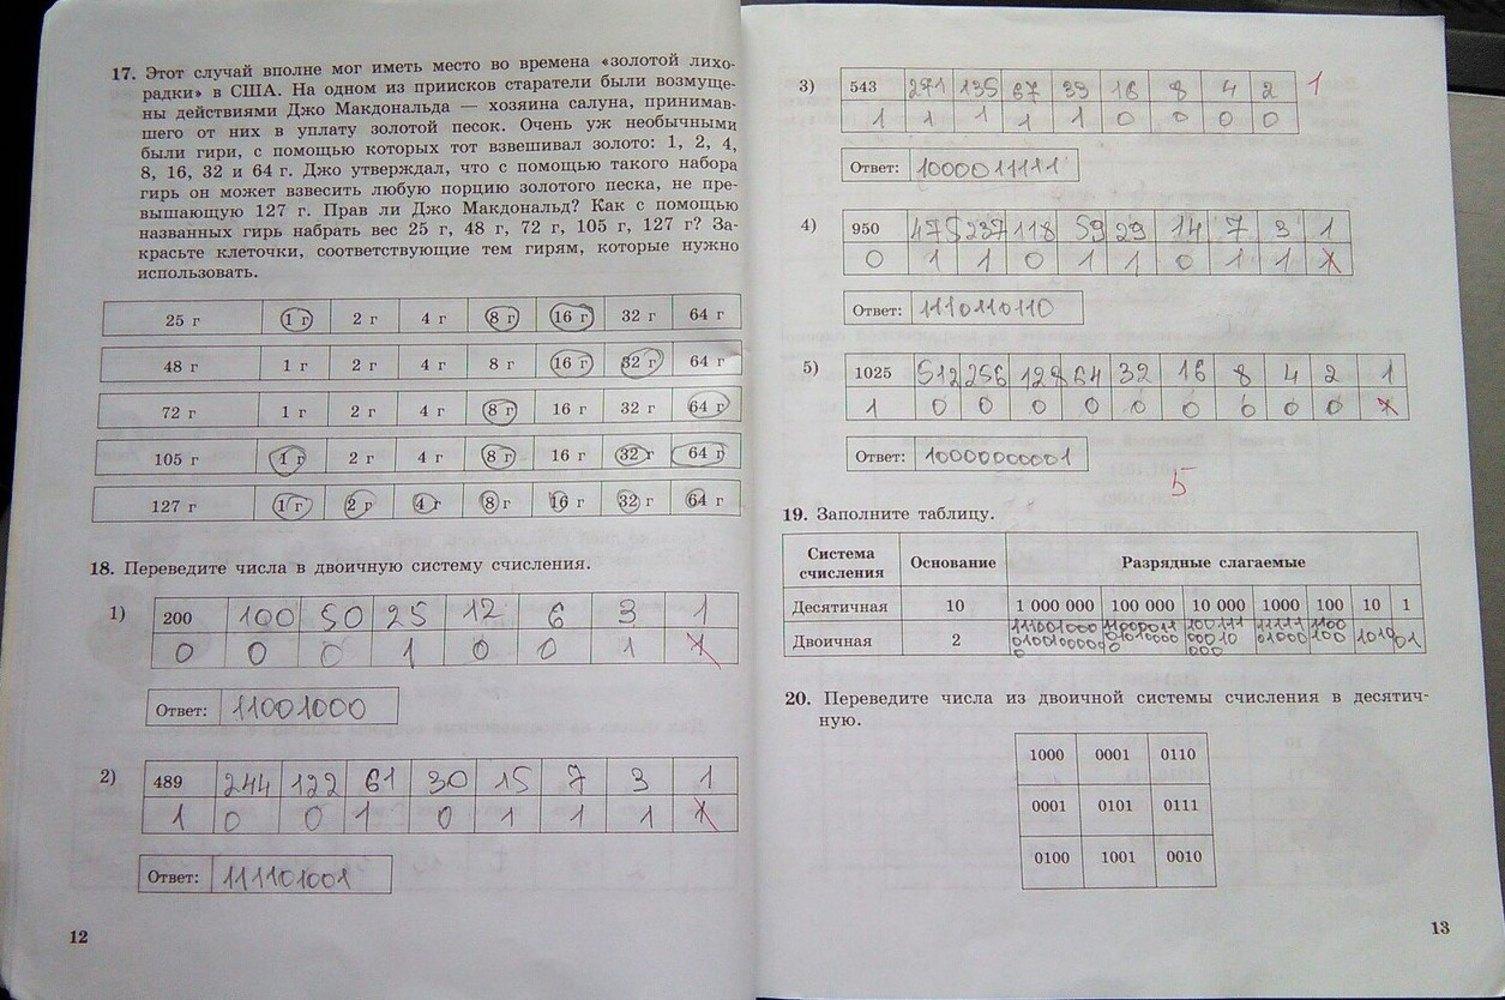 ГДЗ по информатике класс Босова рабочая тетрадь решебник Выберите страницу рабочей тетради